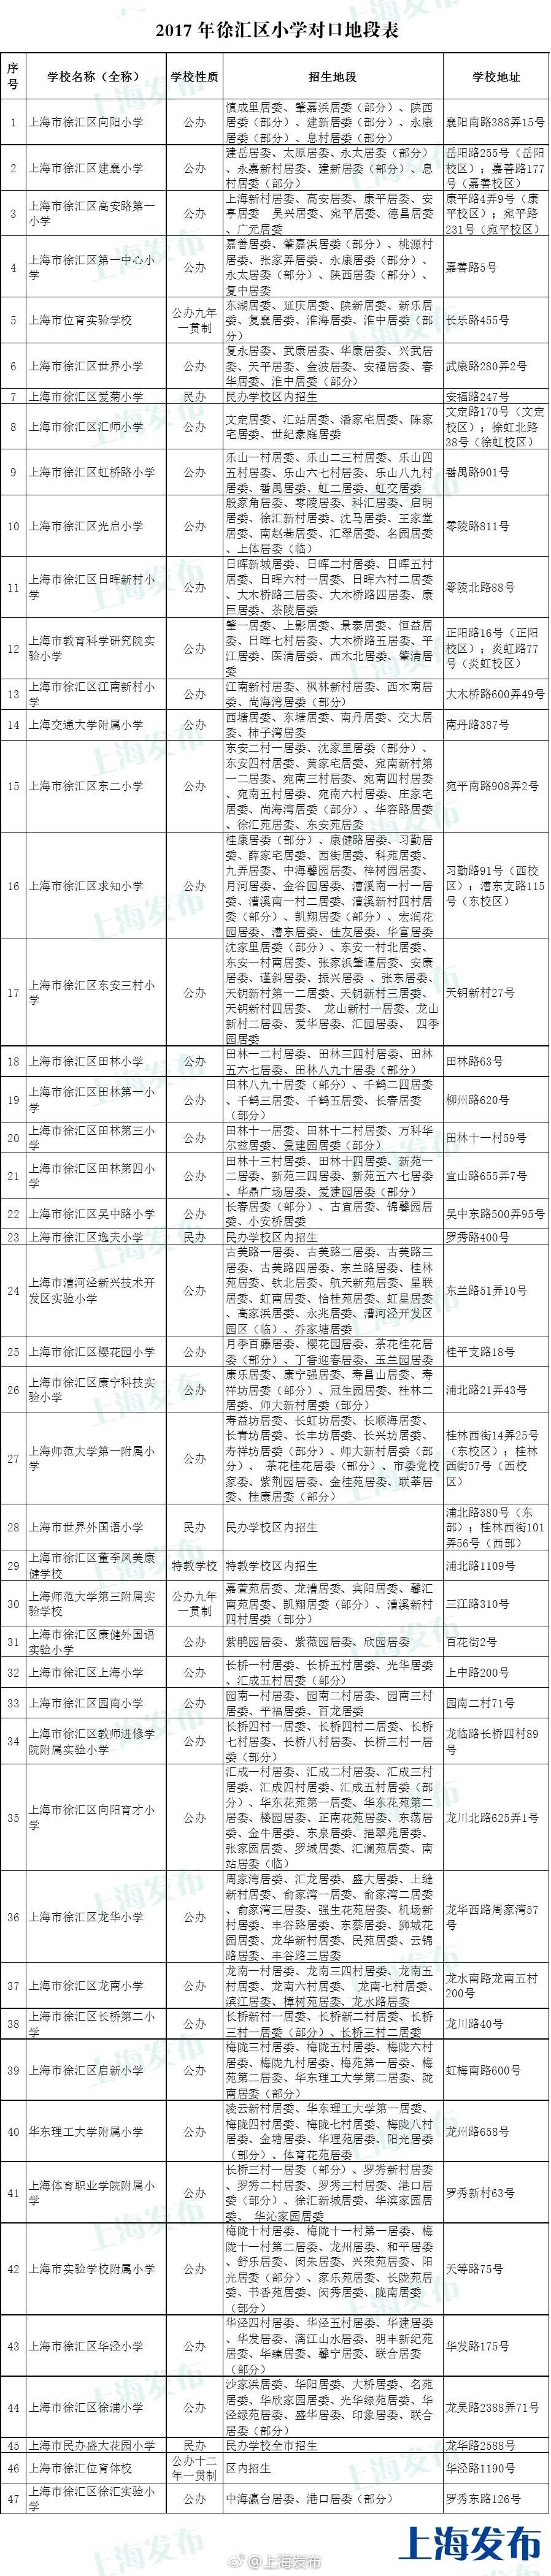 九州彩票微信群